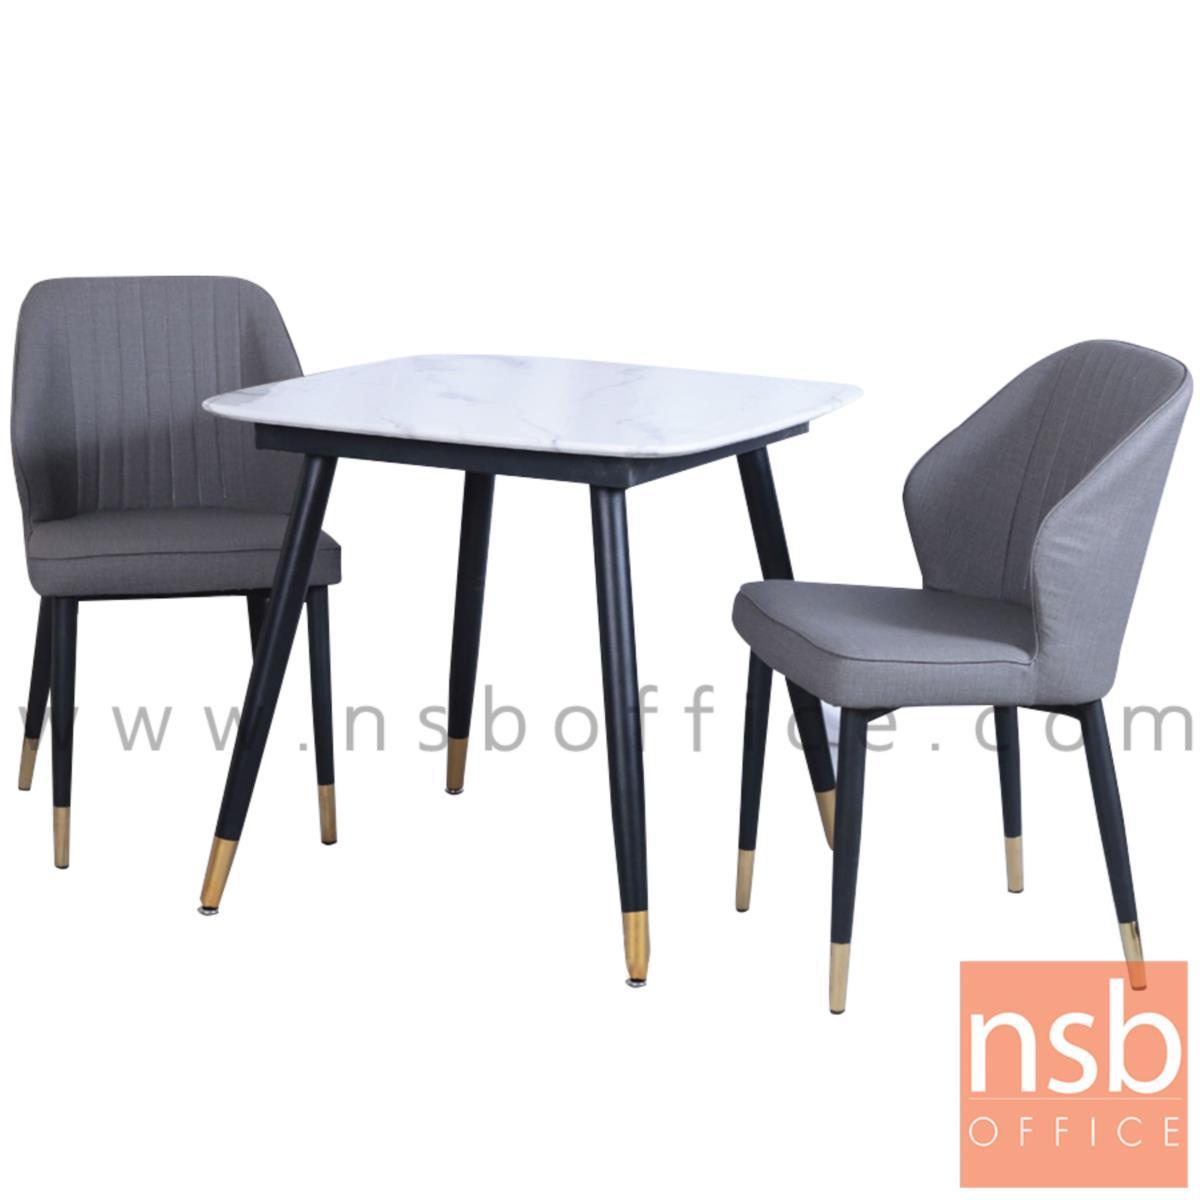 A14A262:ชุดโต๊ะบาร์หน้าท็อปหินอ่อน 2 ที่นั่ง รุ่น Shreveport (ชรีฟพอร์ต)  พร้อมเก้าอี้เบาะหนัง ขาเหล็ก